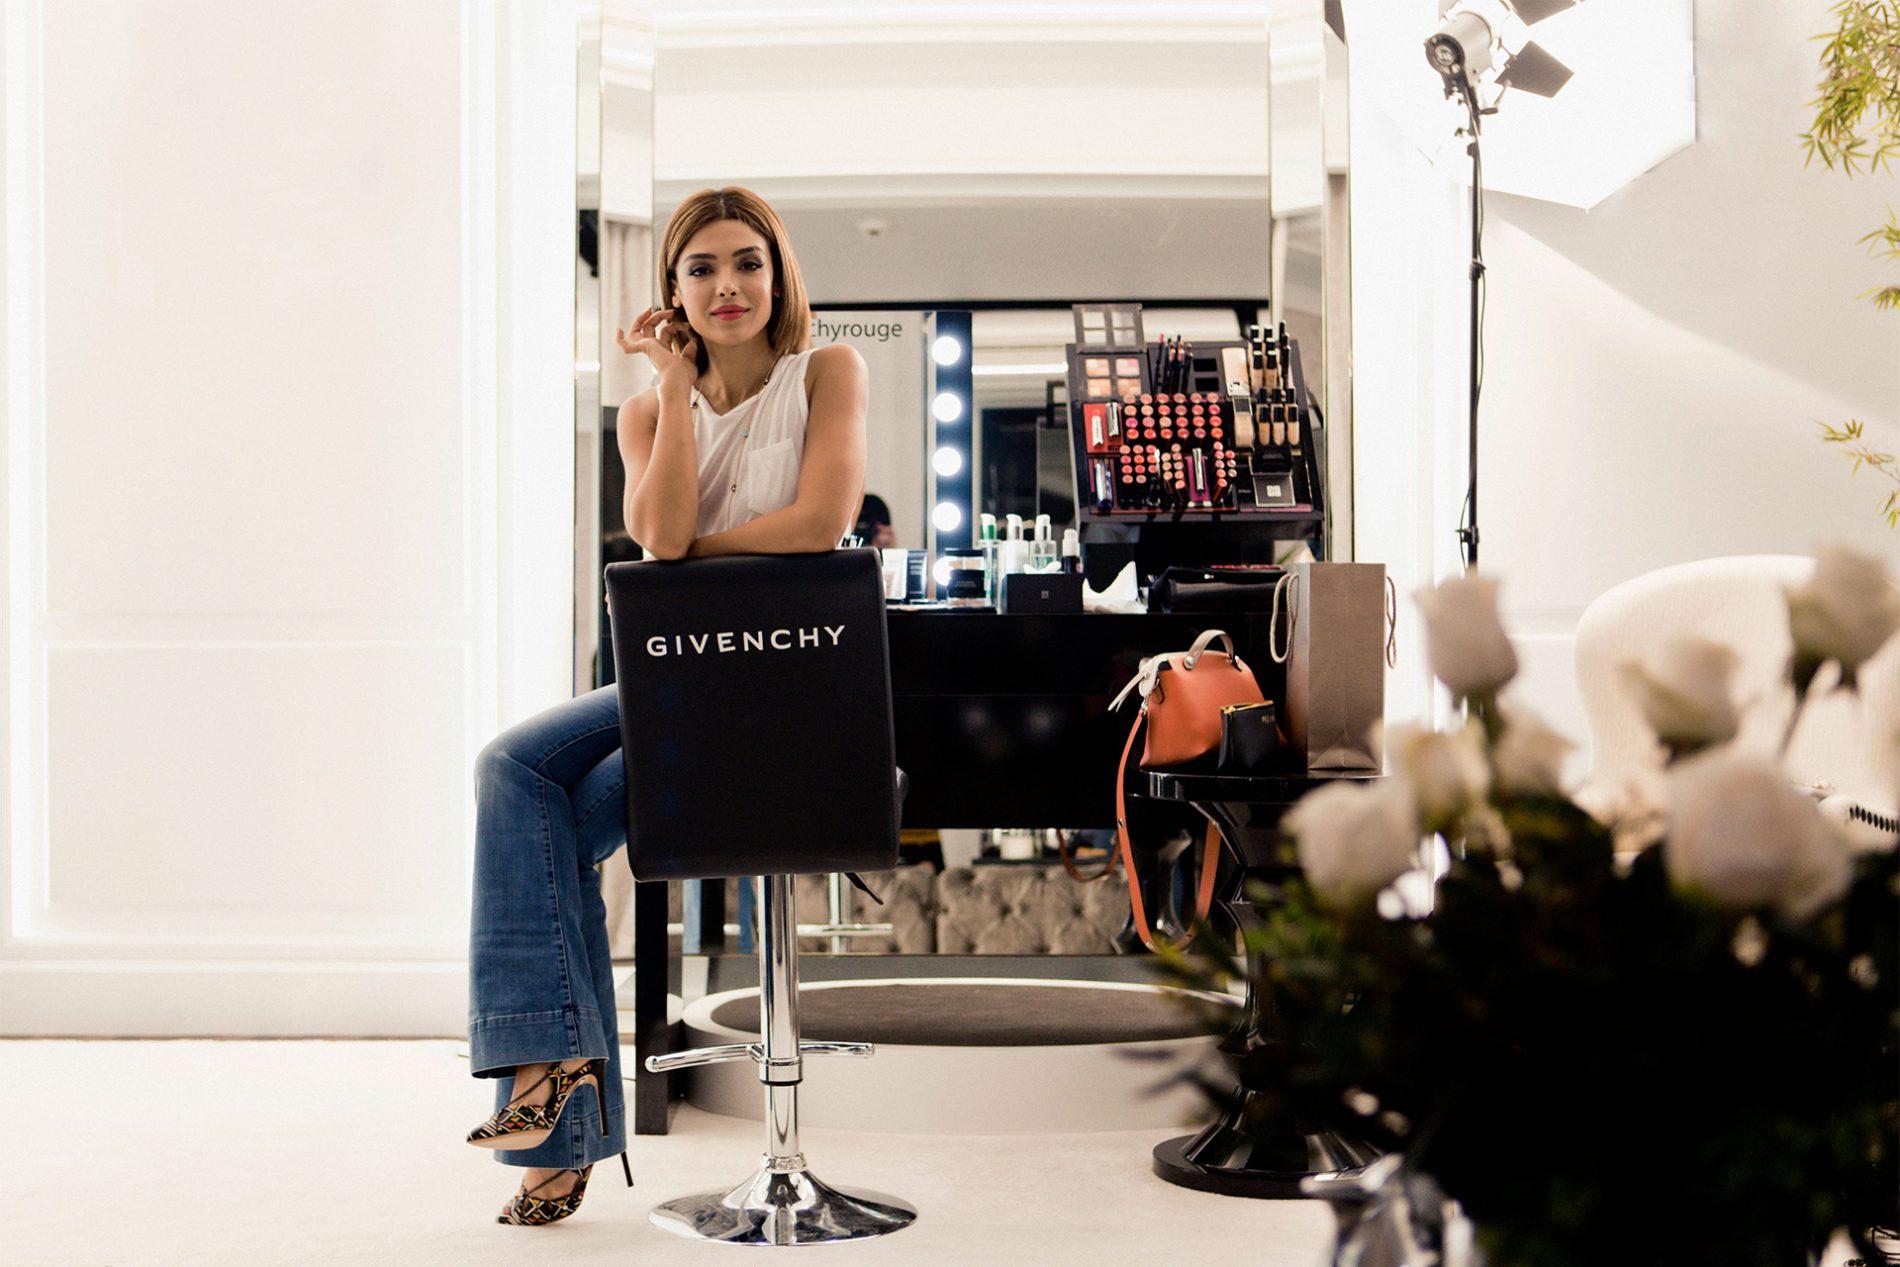 Yalda Golsharifi Bloguera Givenchy El Corte Inglés Madrid